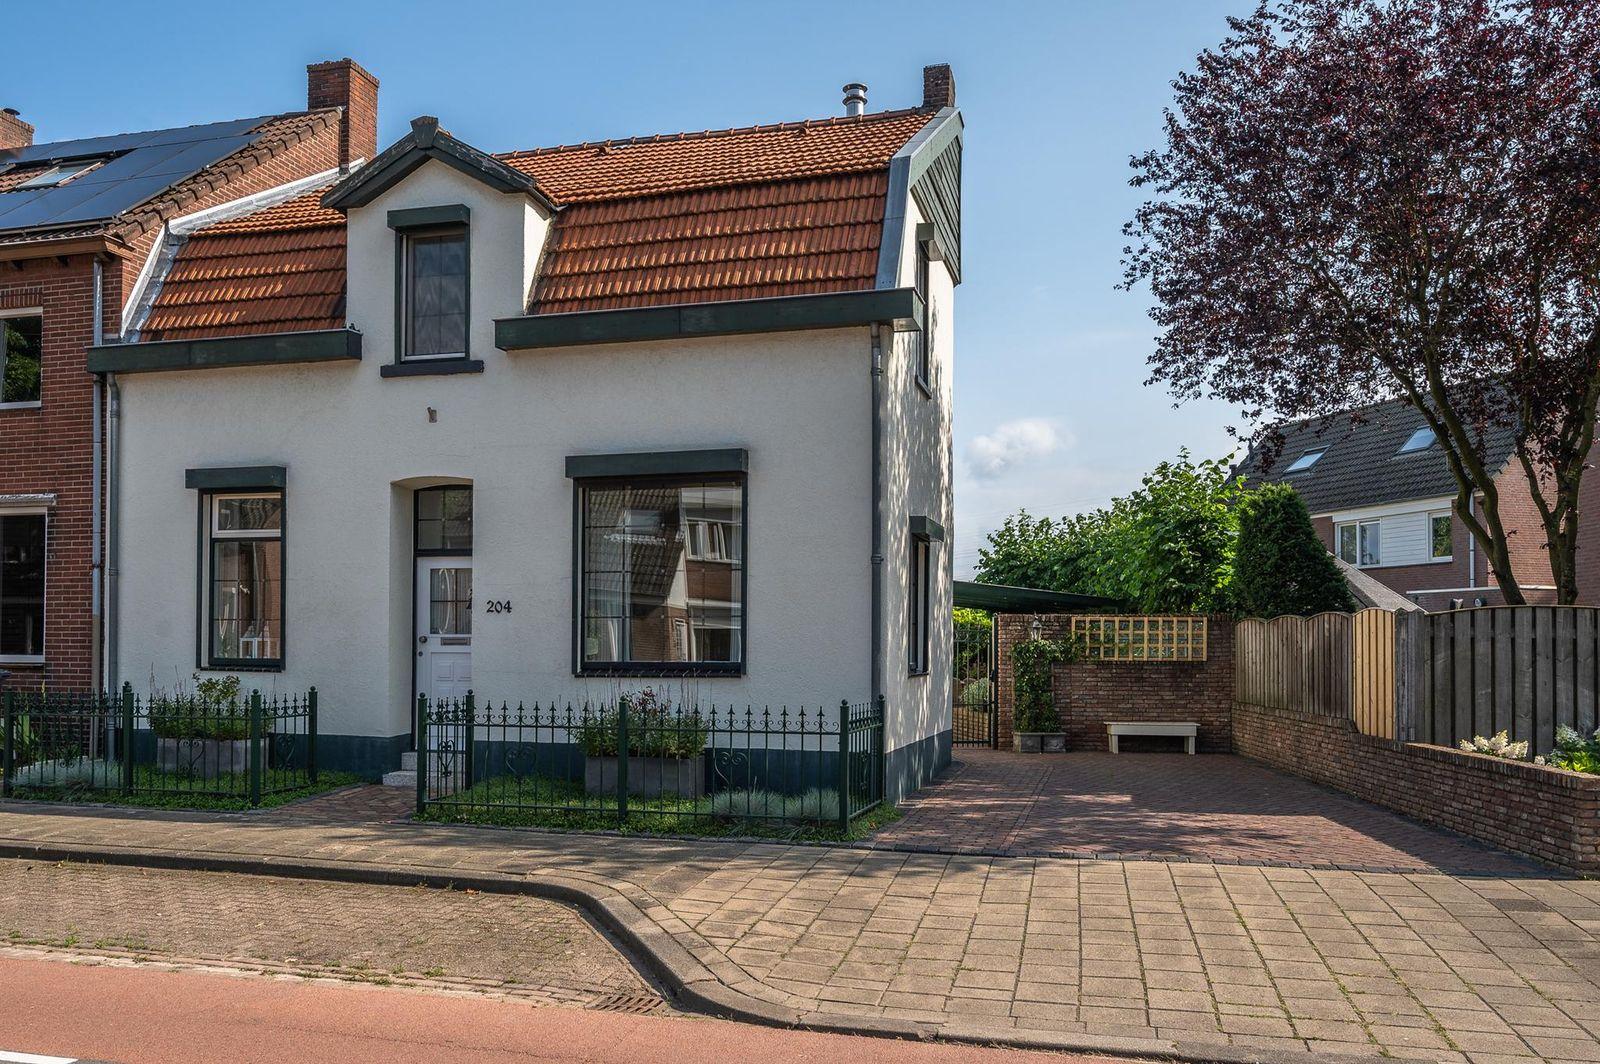 Horsterweg 204, Venlo